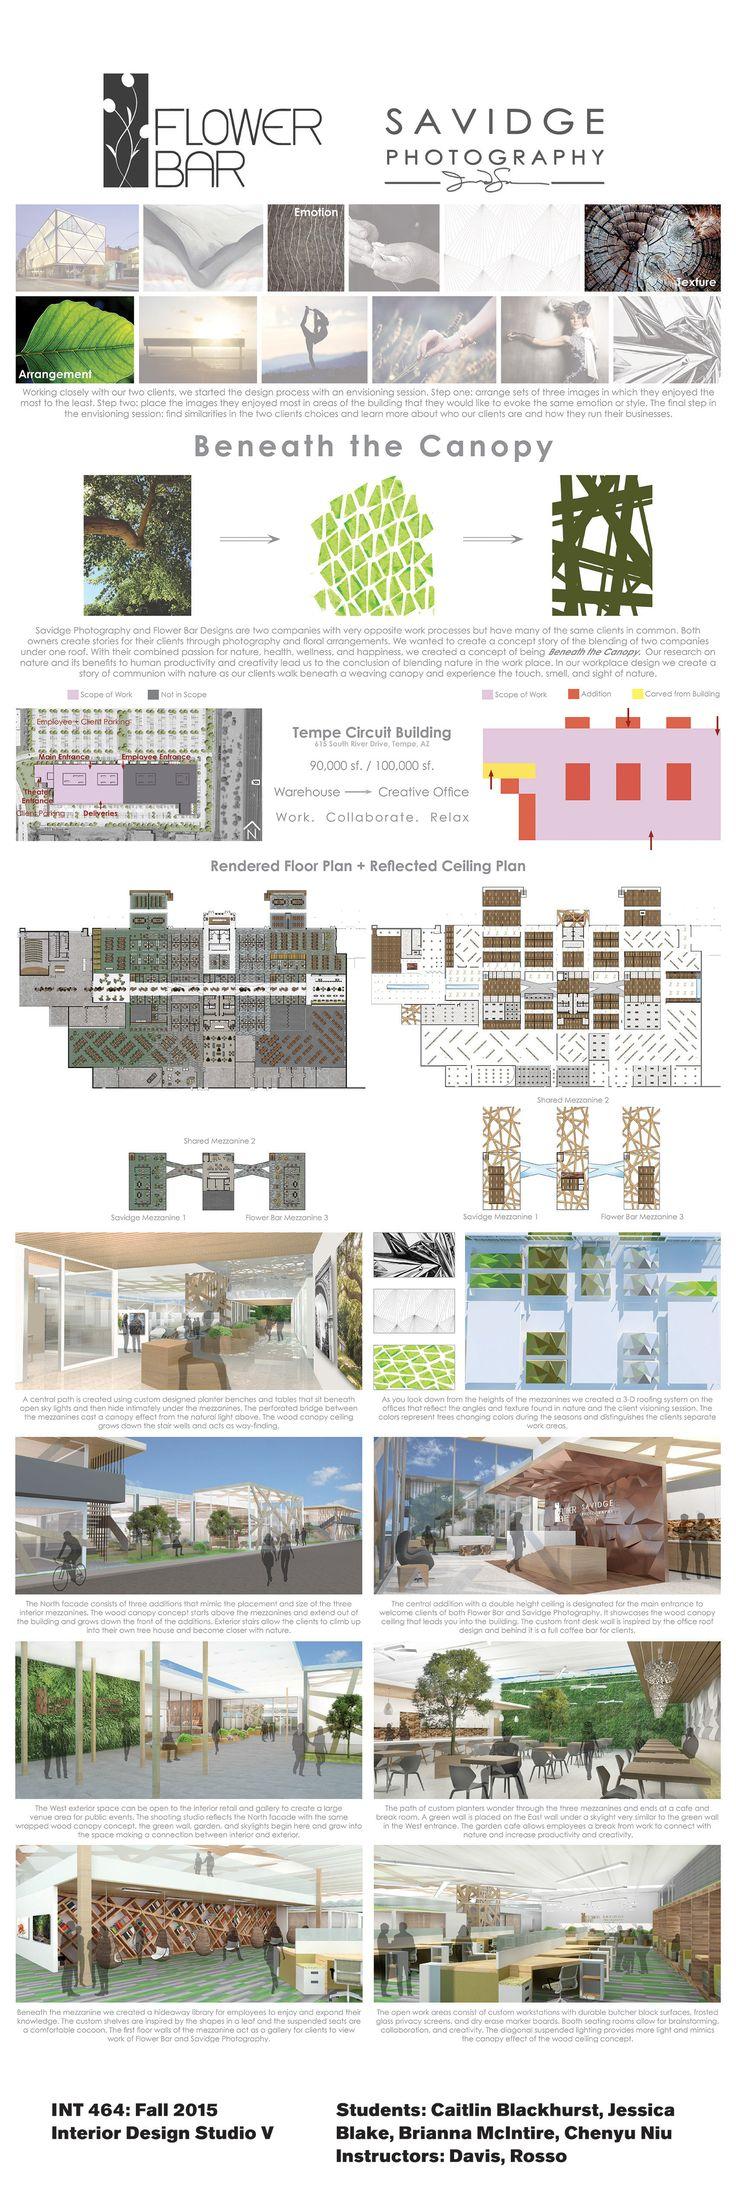 Learn More About The Interior Design Program At Designasu